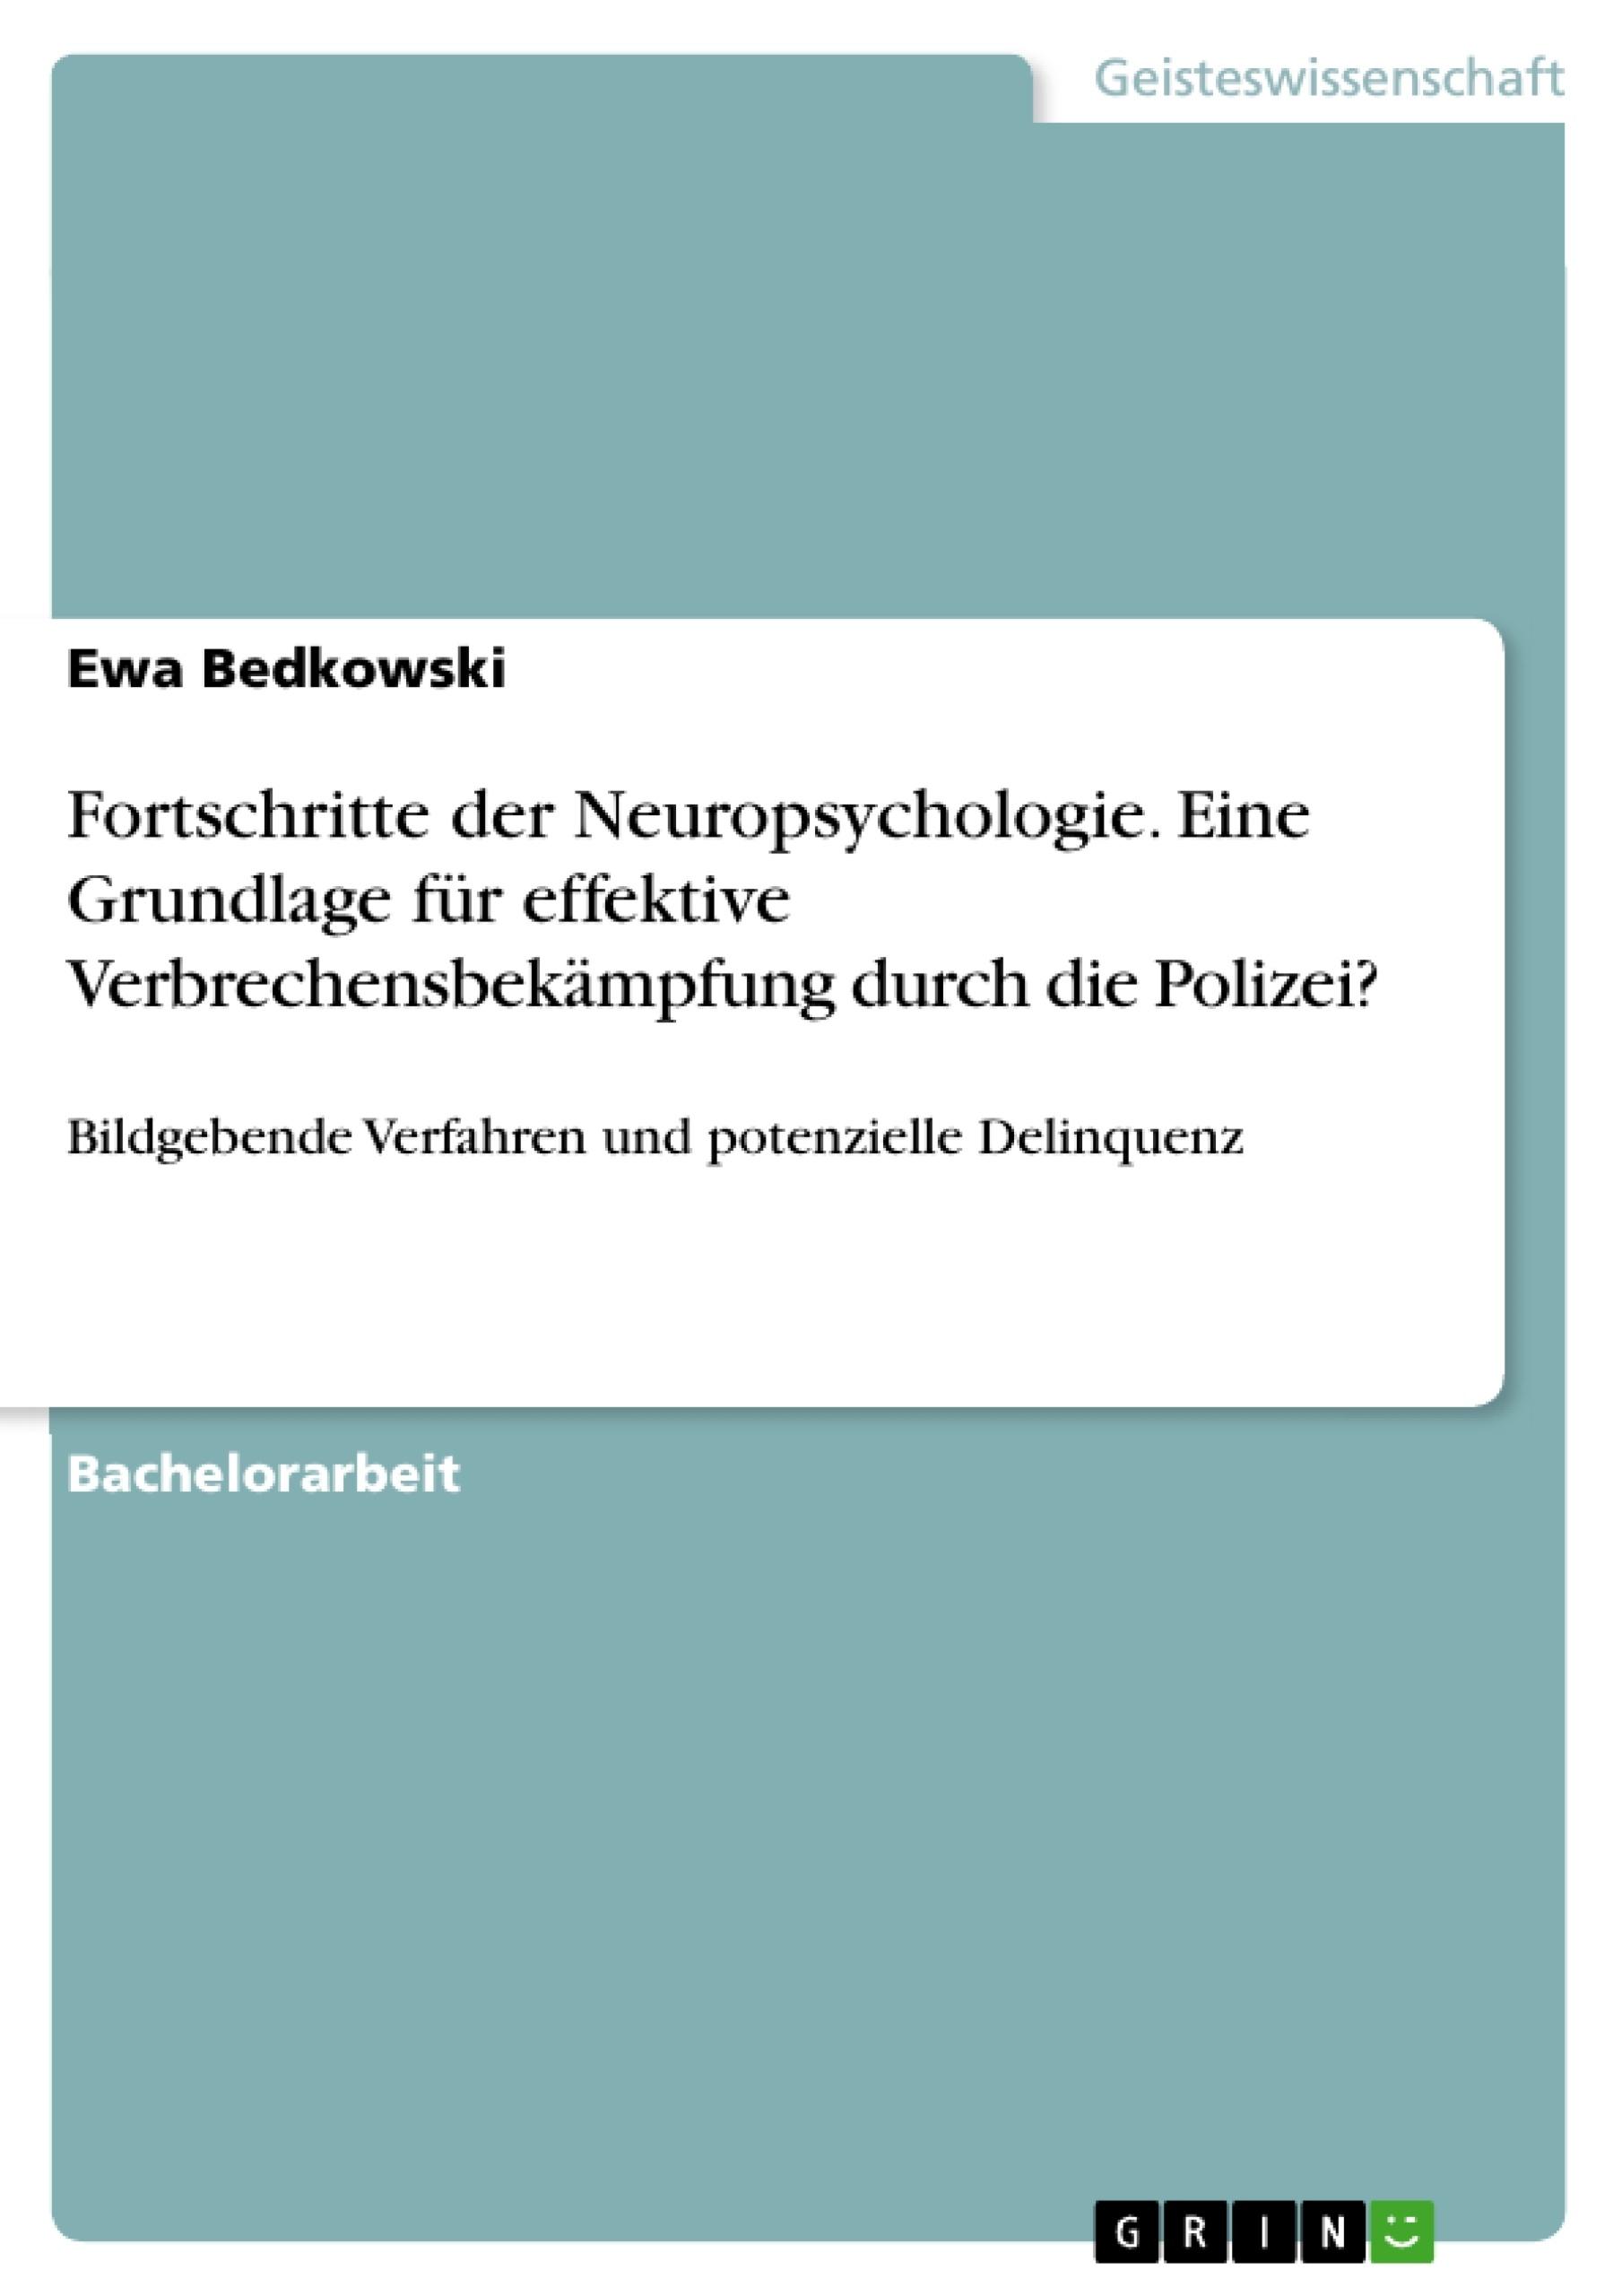 Titel: Fortschritte der Neuropsychologie. Eine Grundlage für effektive Verbrechensbekämpfung durch die Polizei?